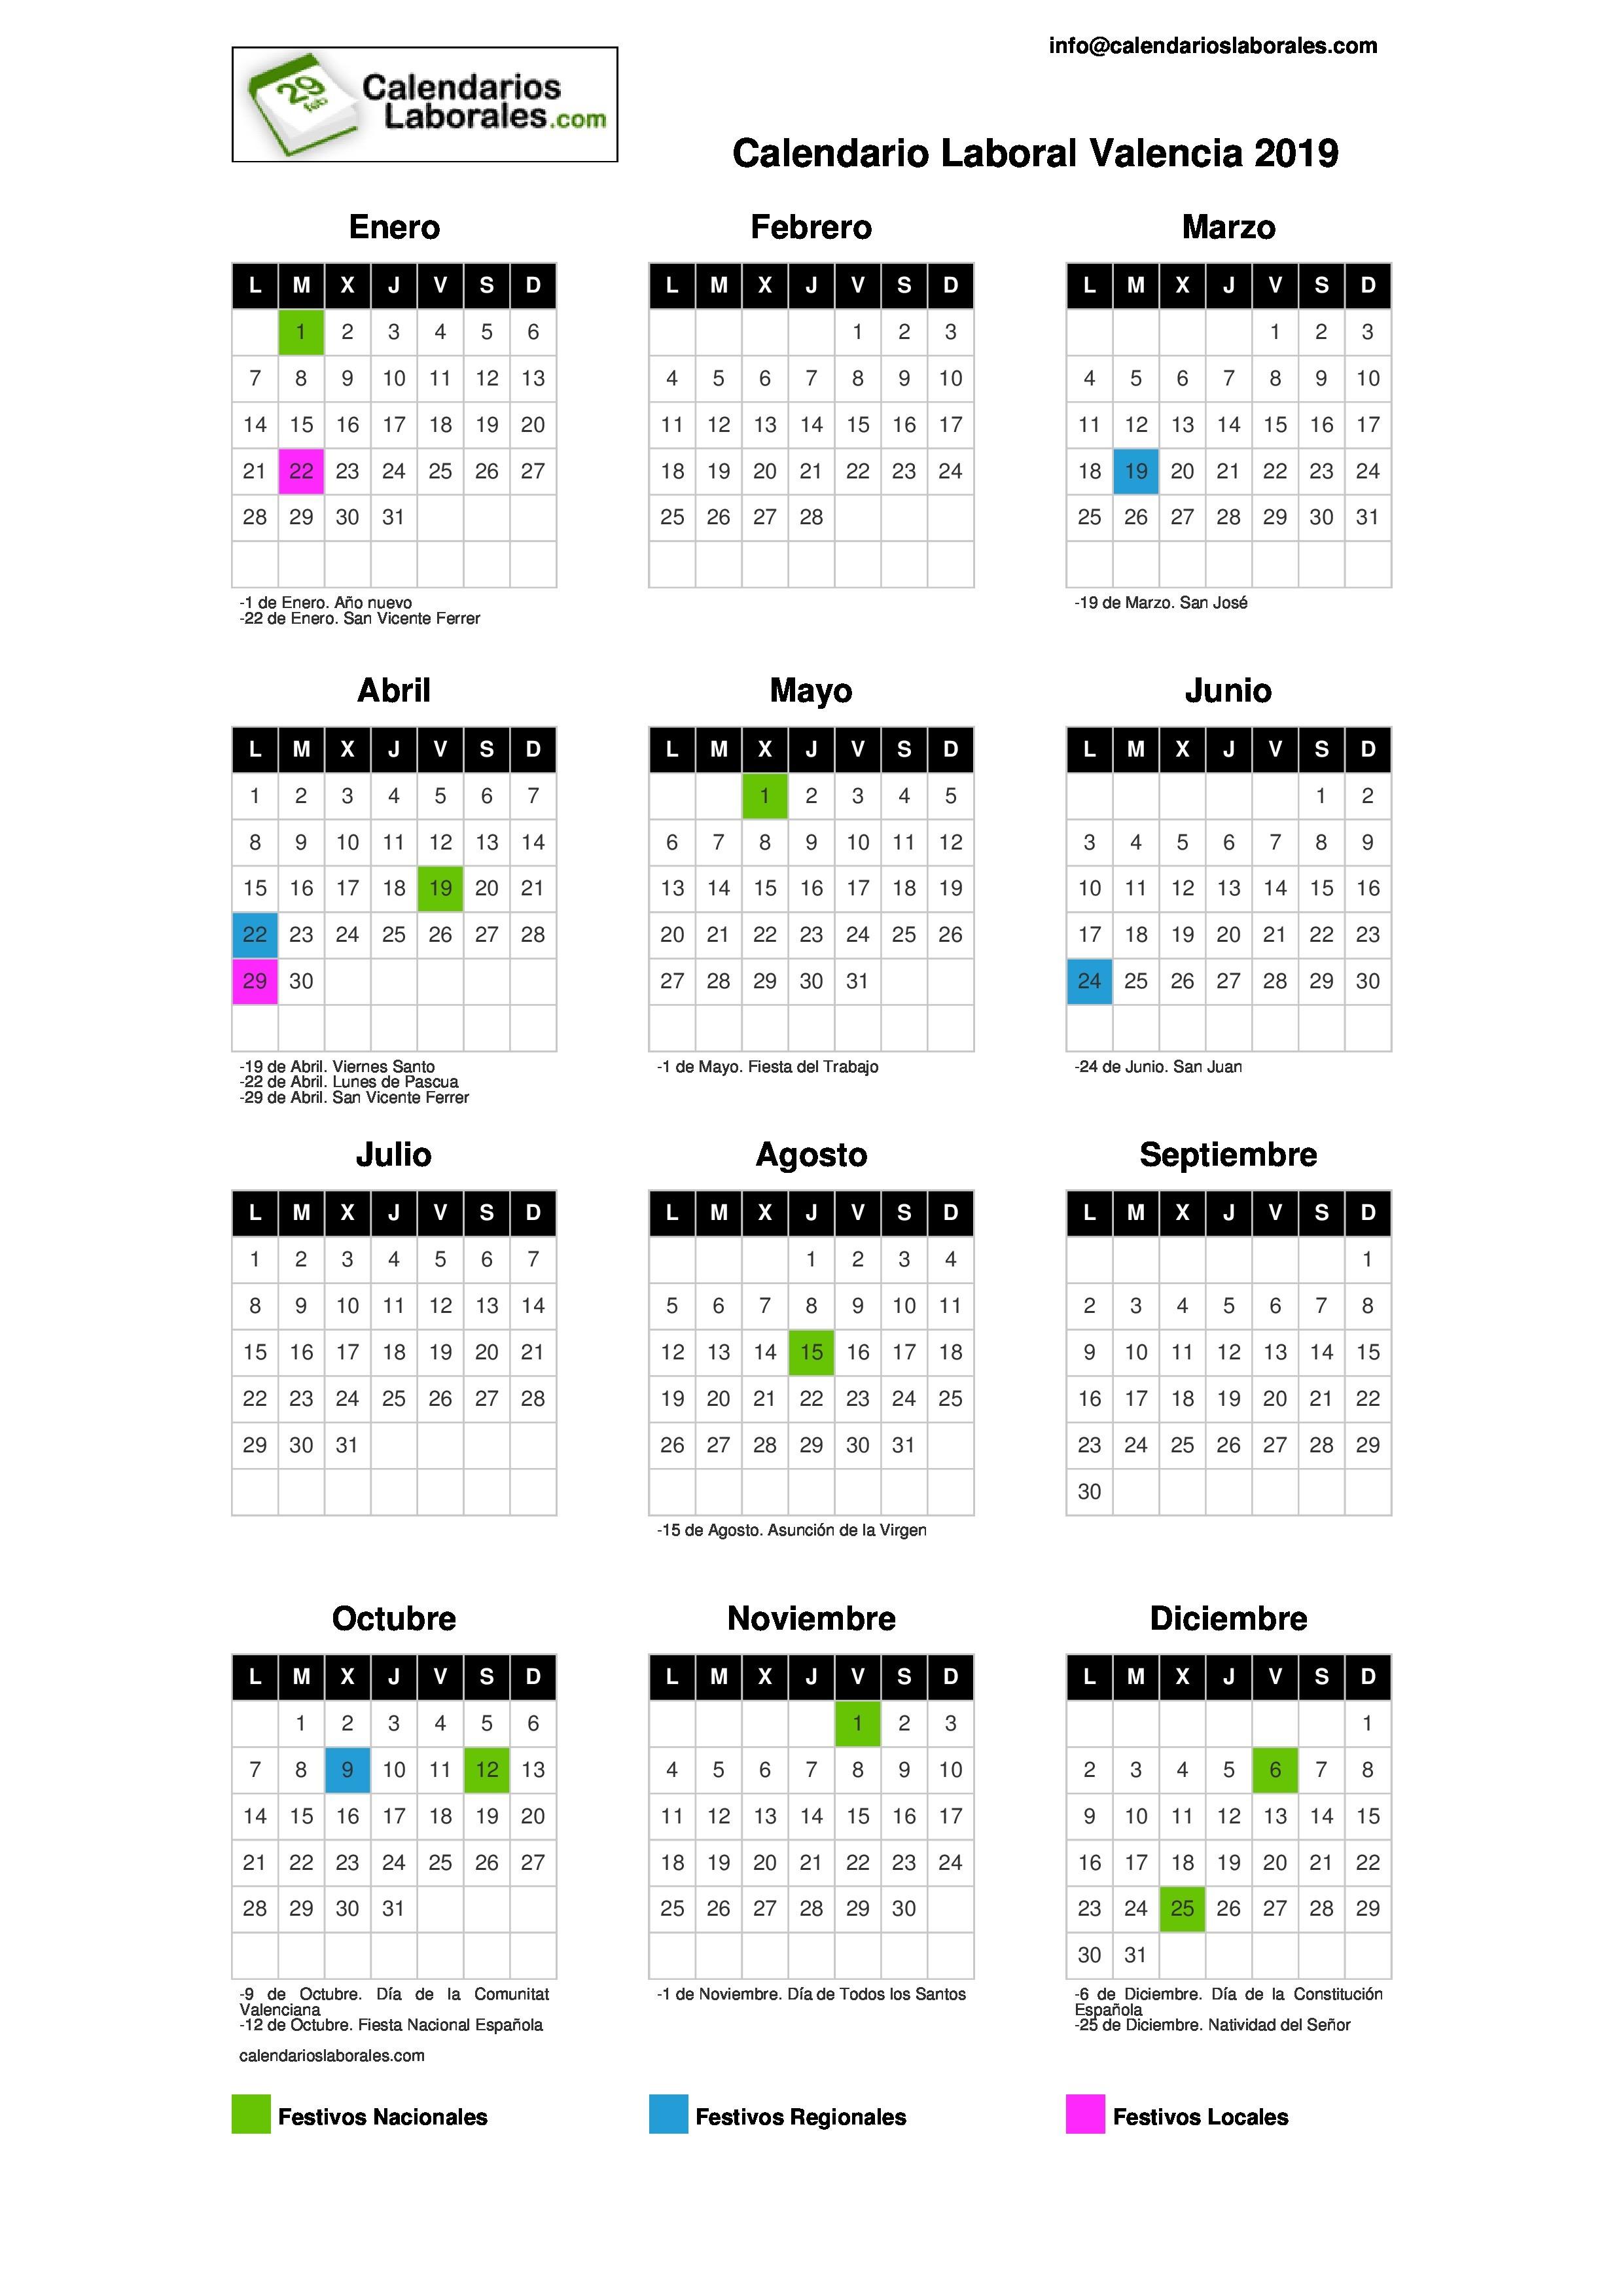 Calendario Laboral 2019 Generalitat De Catalunya Más Arriba-a-fecha Calendario Laboral 2019 Gva Seonegativo